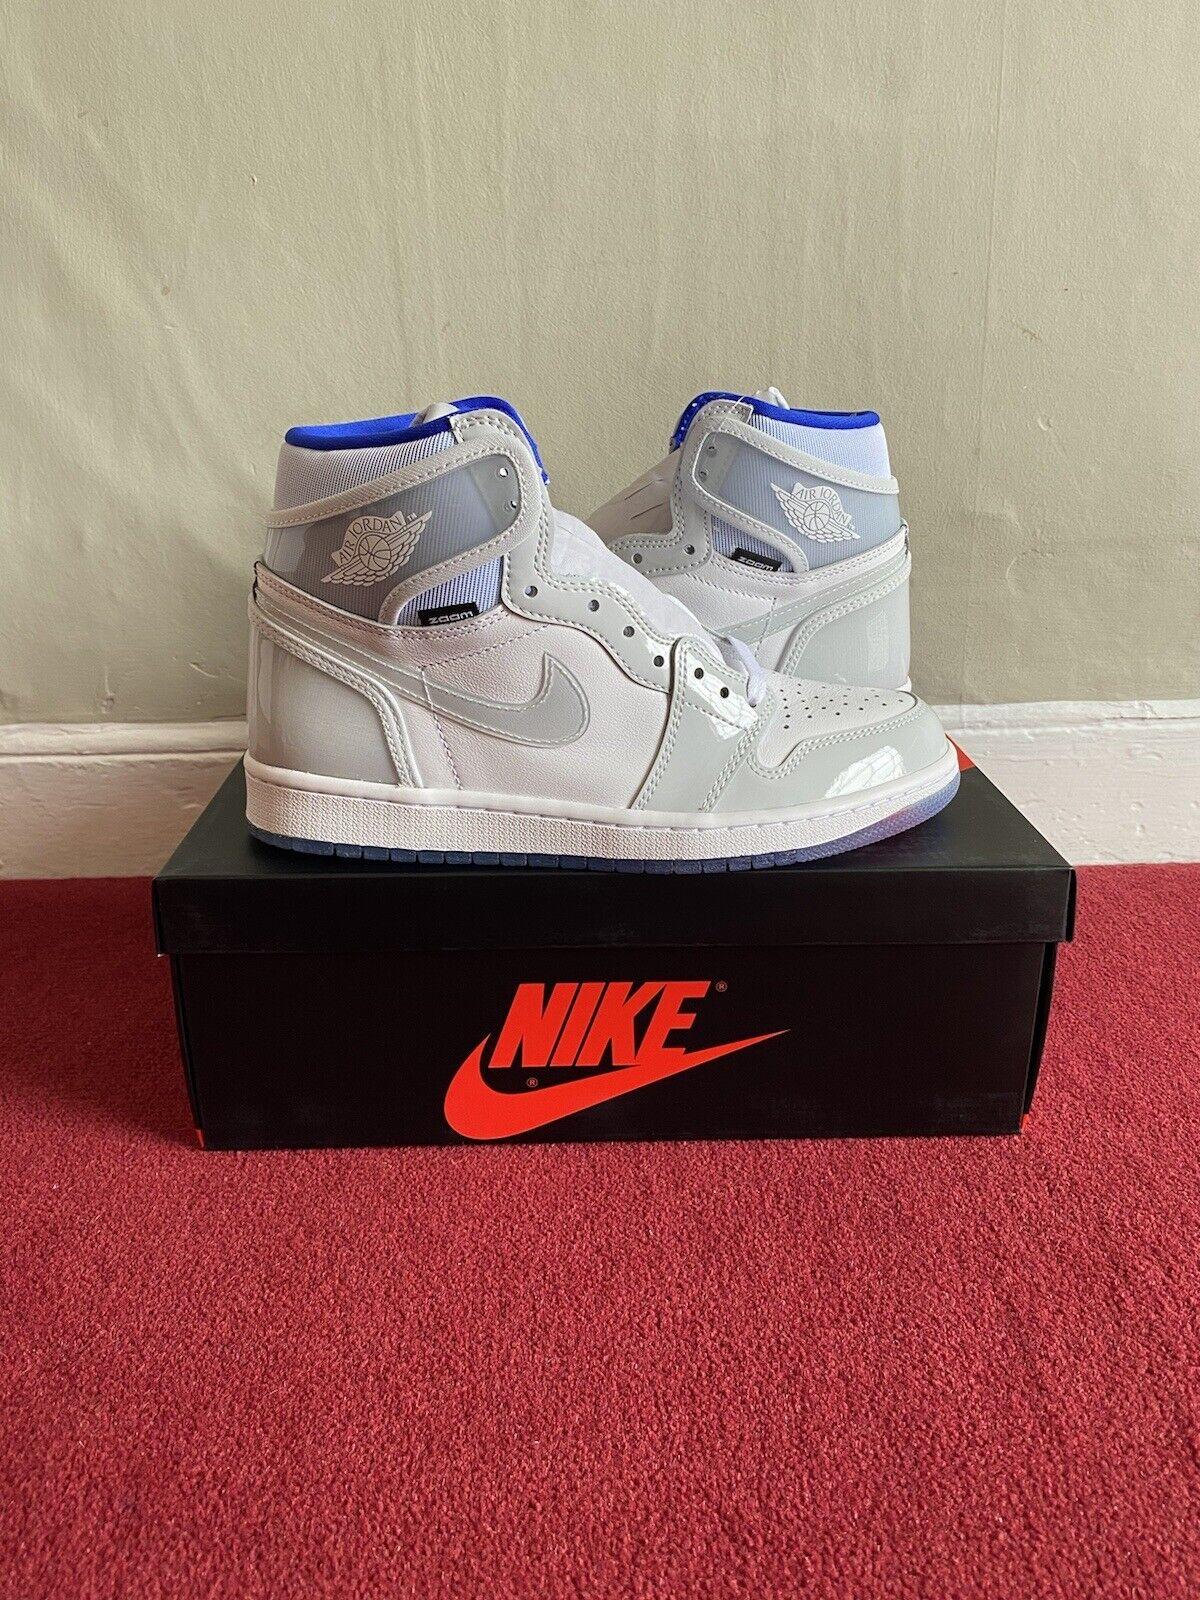 Jordan 1 Retro High Zoom White Racer Blue - Size UK 7 / US 8 - Deadstock